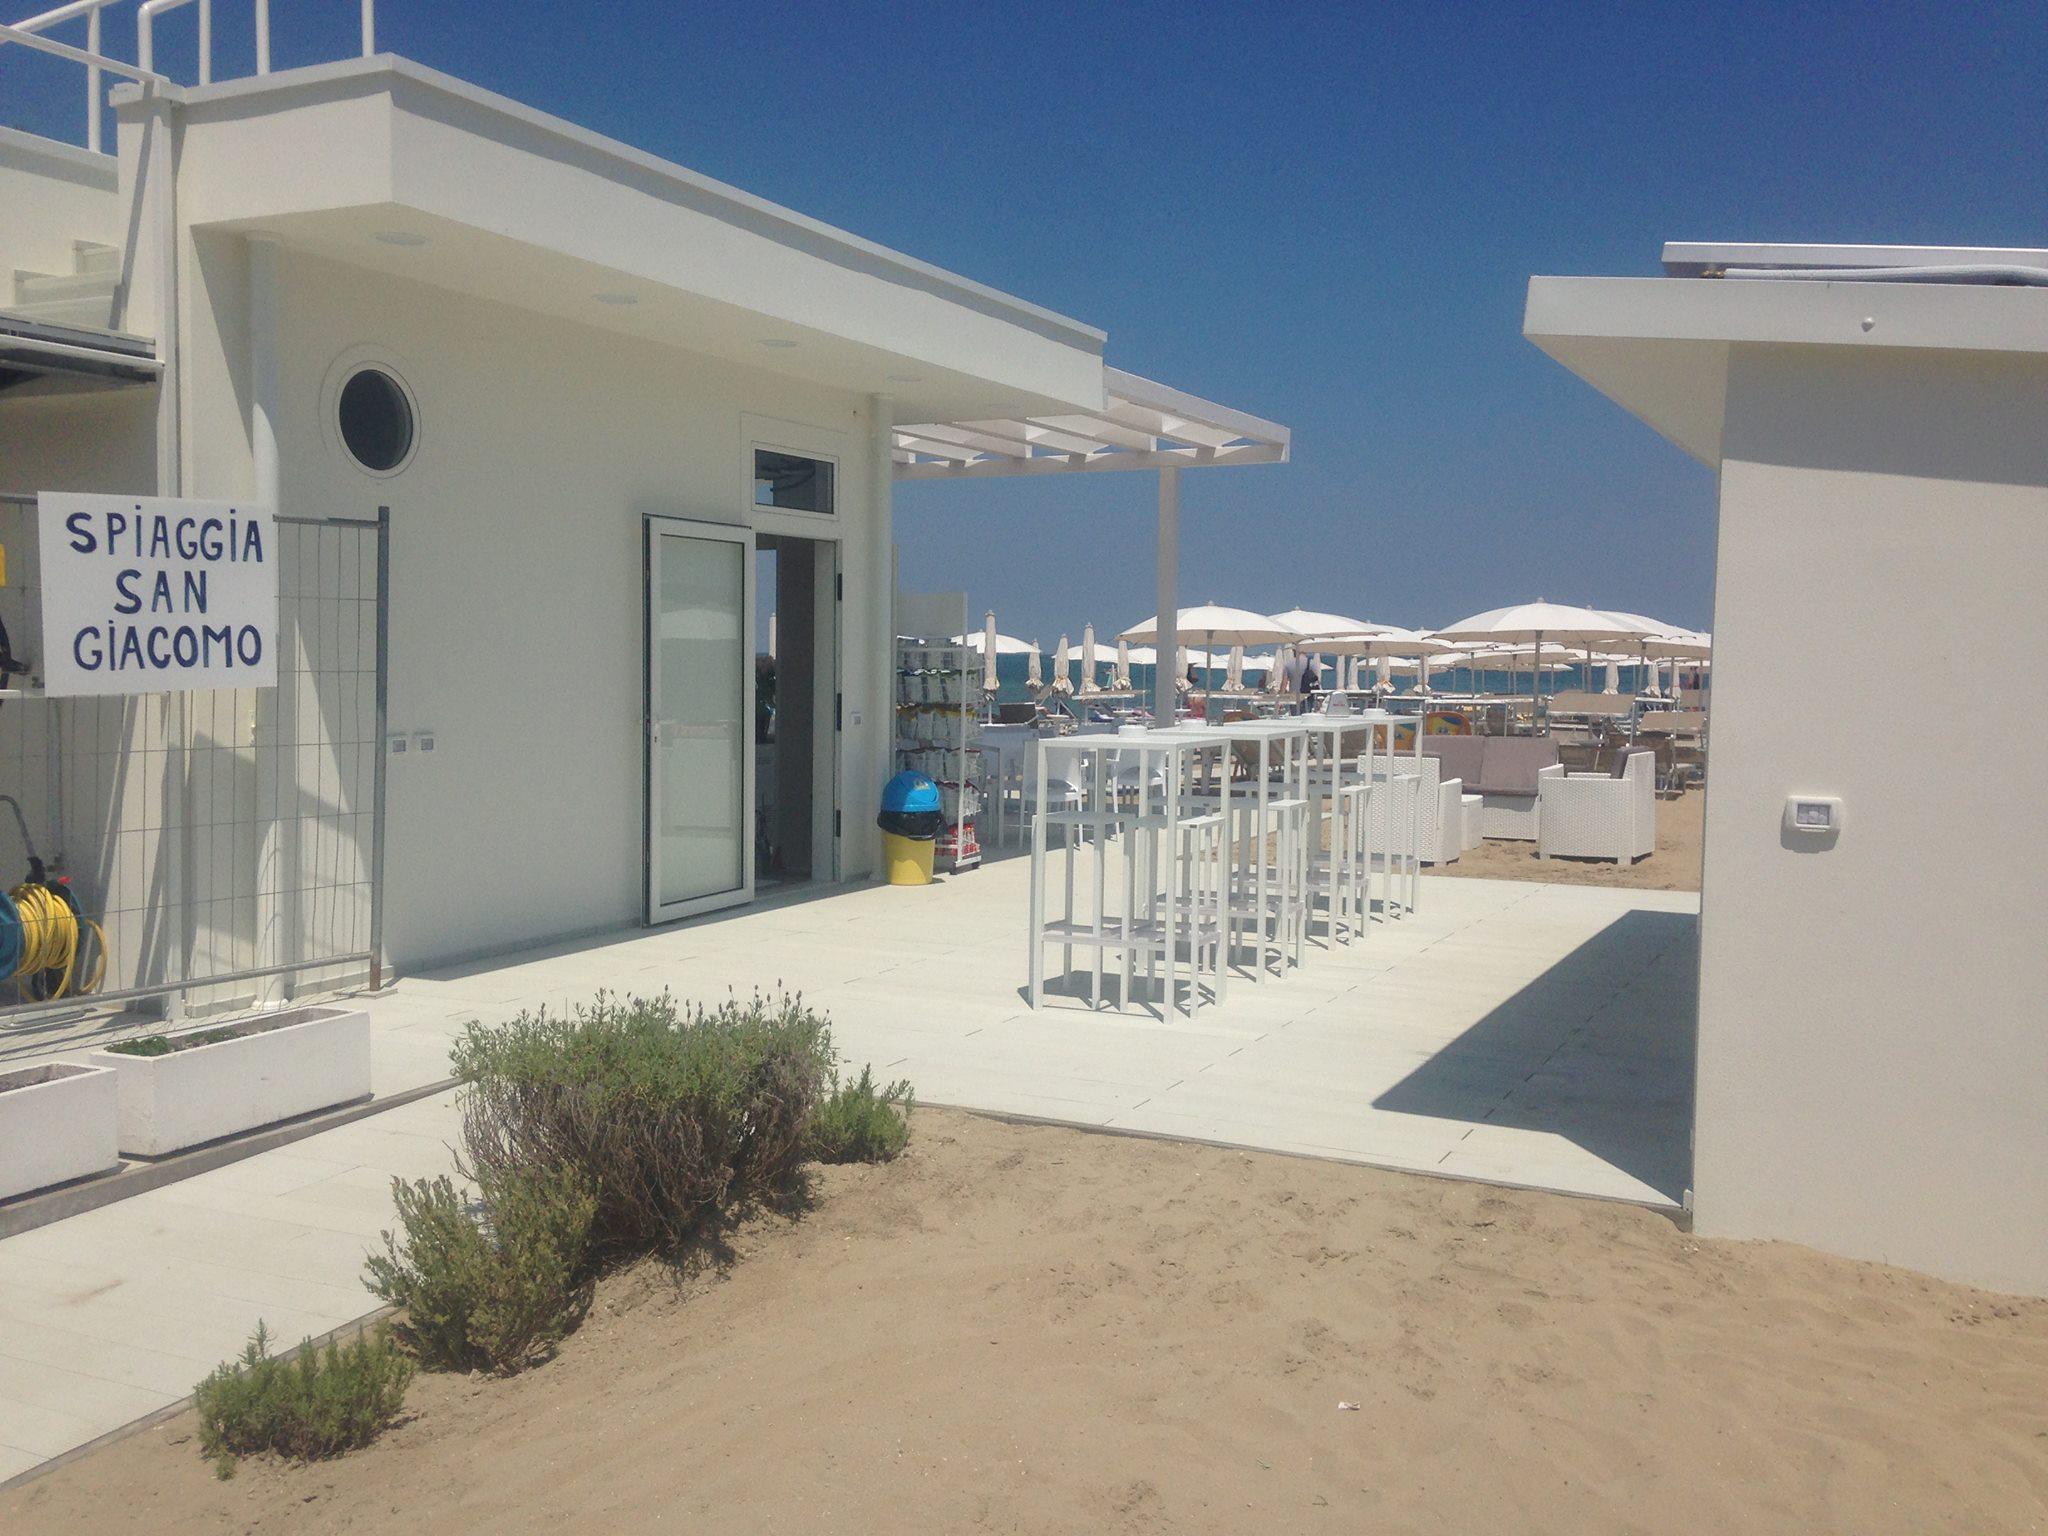 Spiaggia San Giacomo